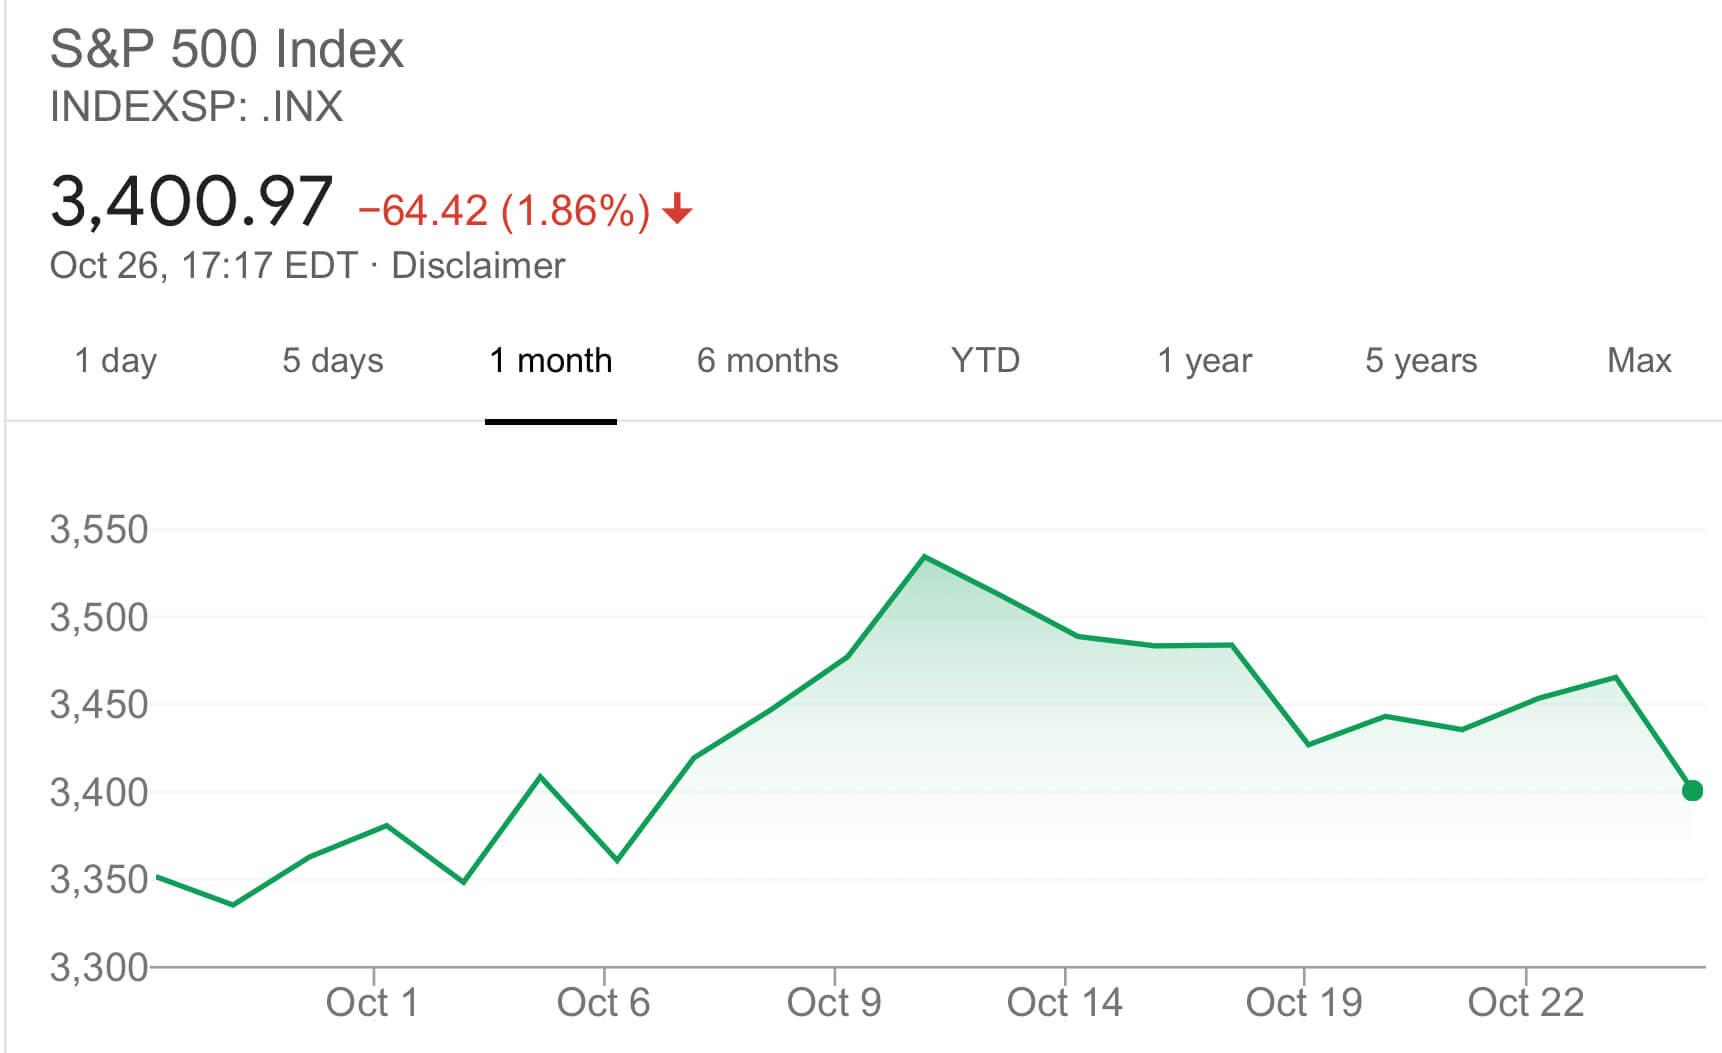 График индекса S&P500 за месяц